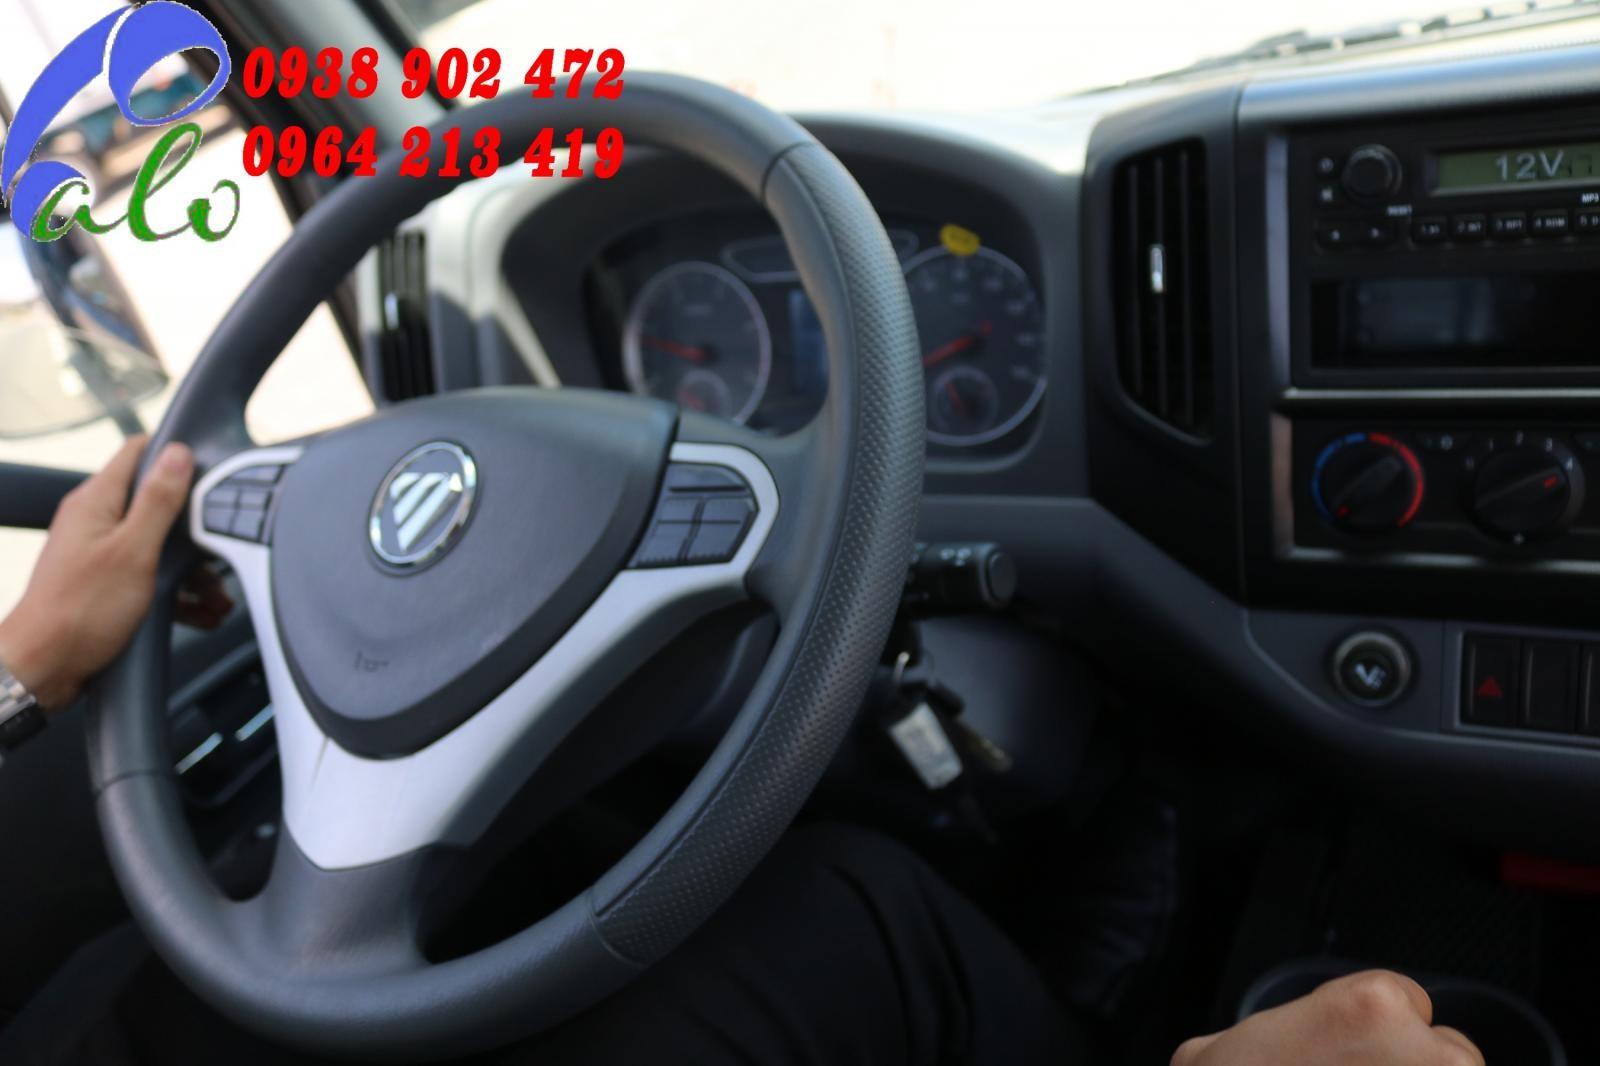 Bán xe Thaco Ollin 350 E4, 2 tấn giá rẻ